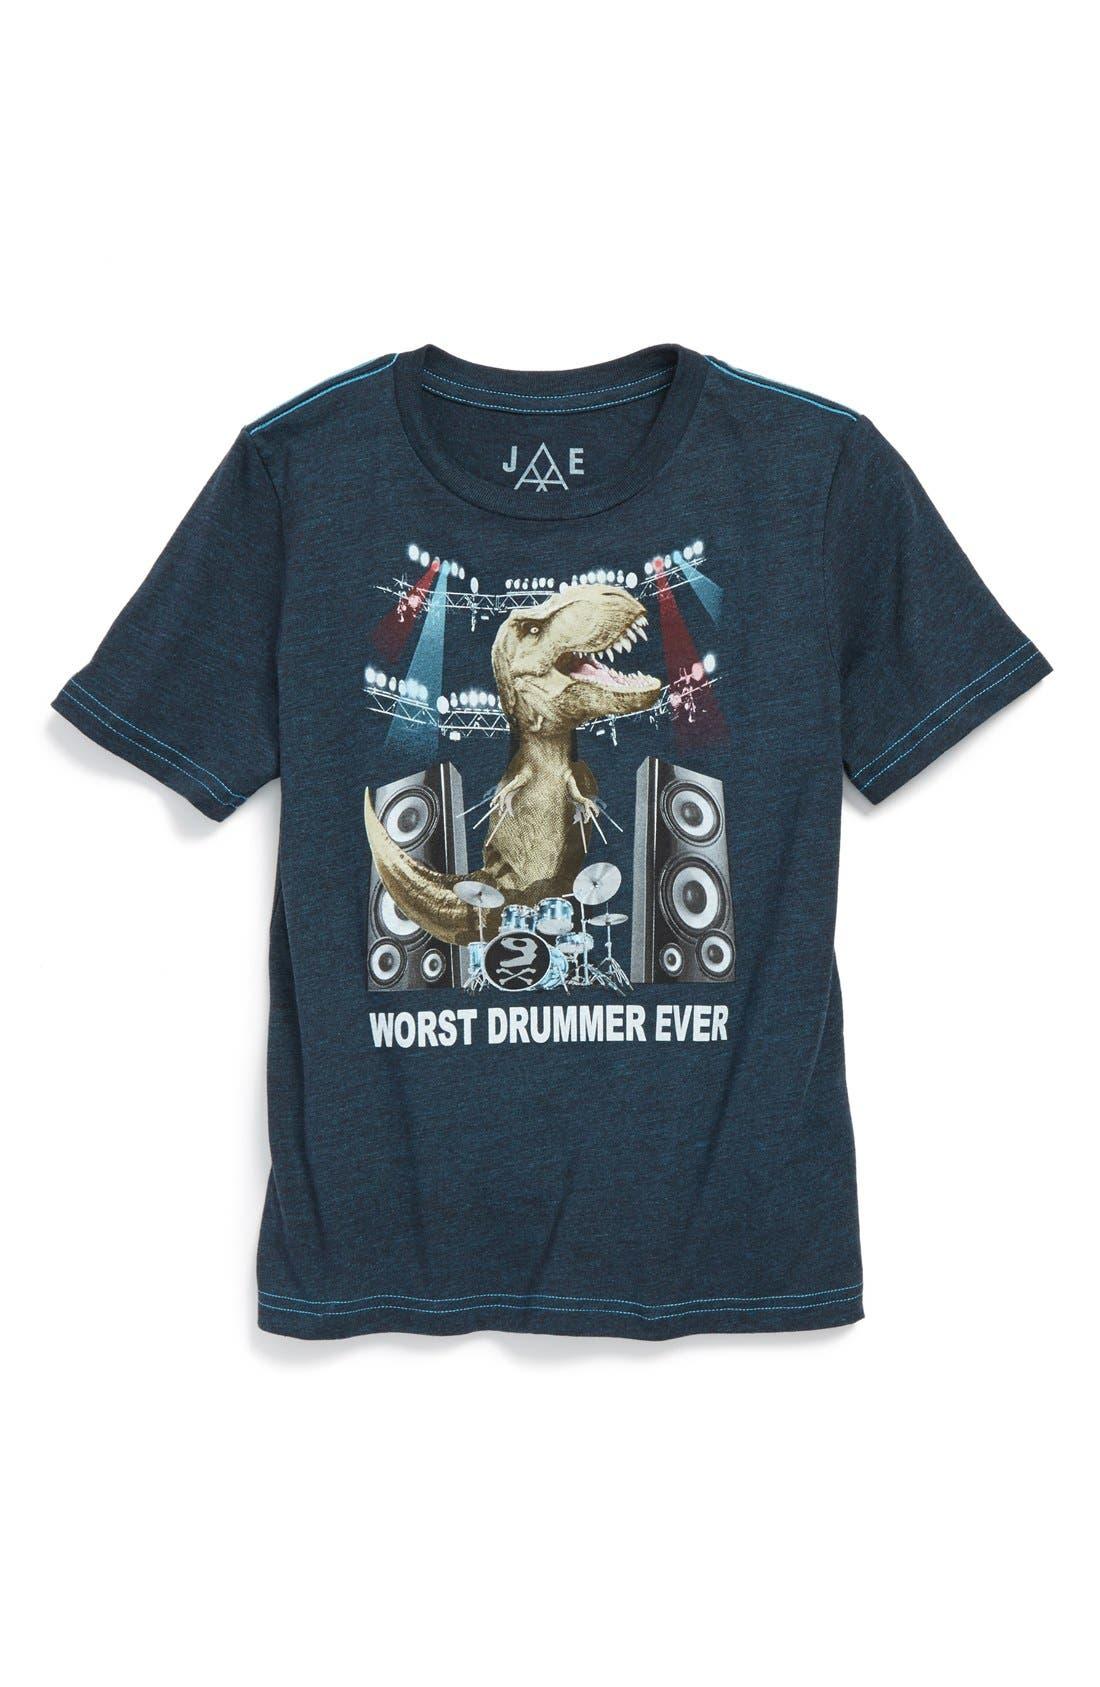 Alternate Image 1 Selected - Jem 'Worst Drummer Ever' Graphic Short Sleeve T-Shirt (Toddler Boys & Little Boys)